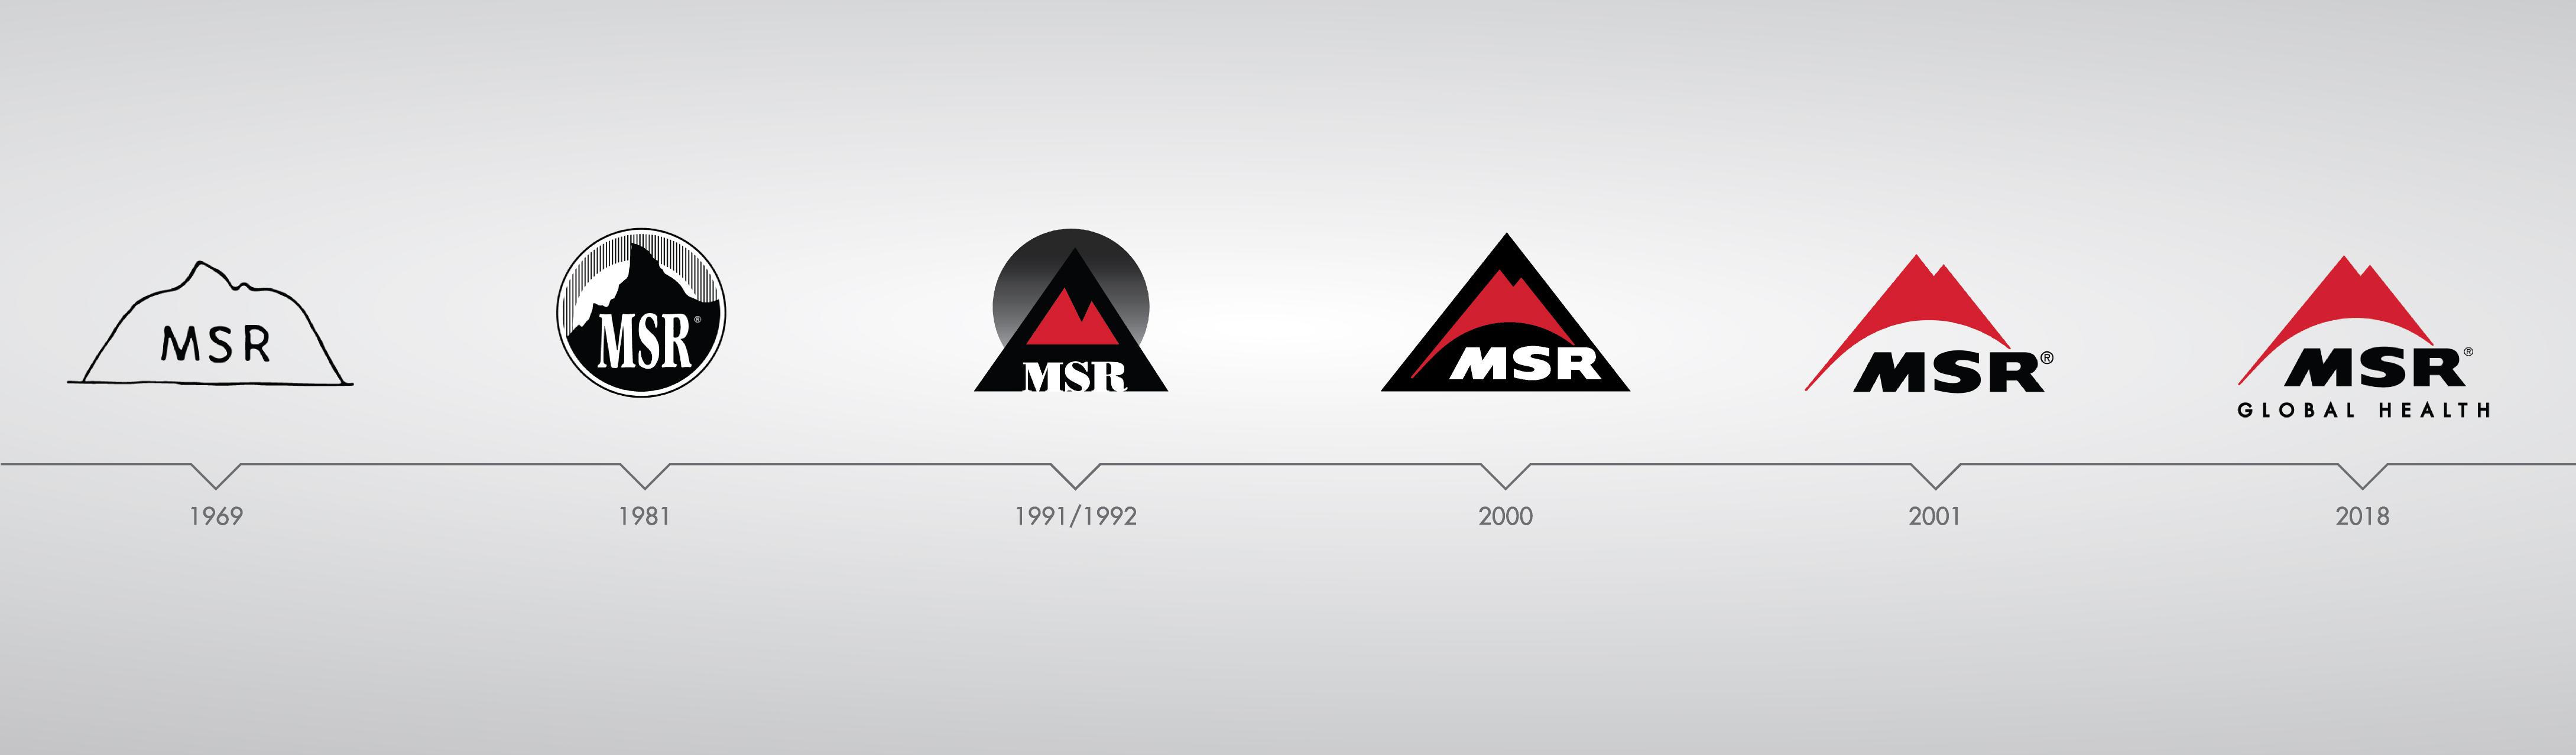 4358x1278-msr-History-Logo-Blogo-10